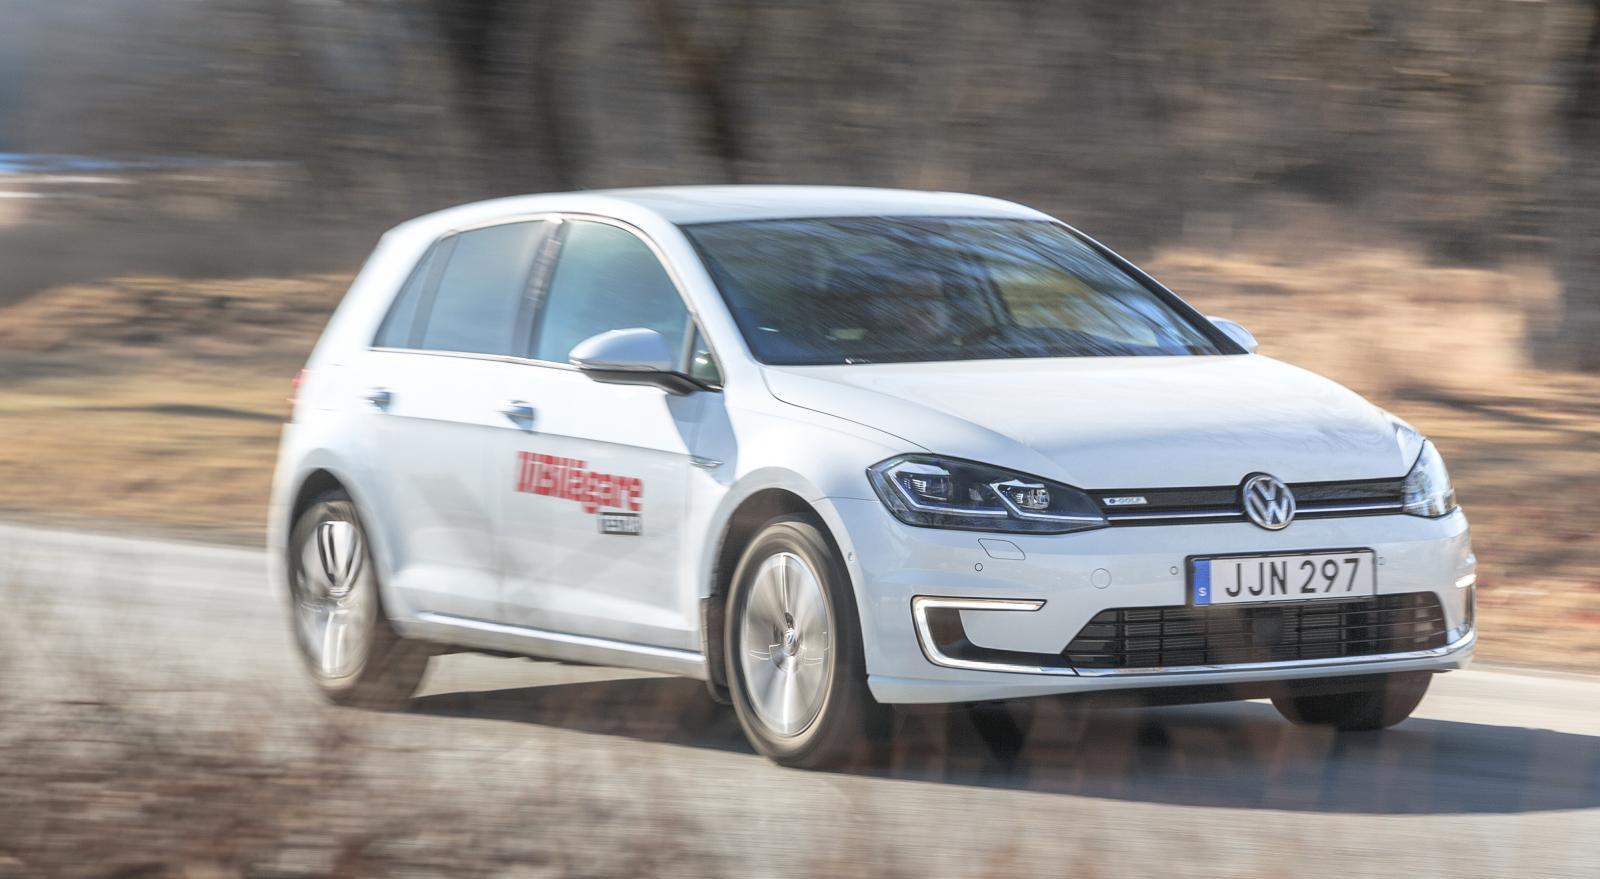 Volkswagen e-Golf är snålare än konkurrenten Nissan Leaf enligt ägarna.